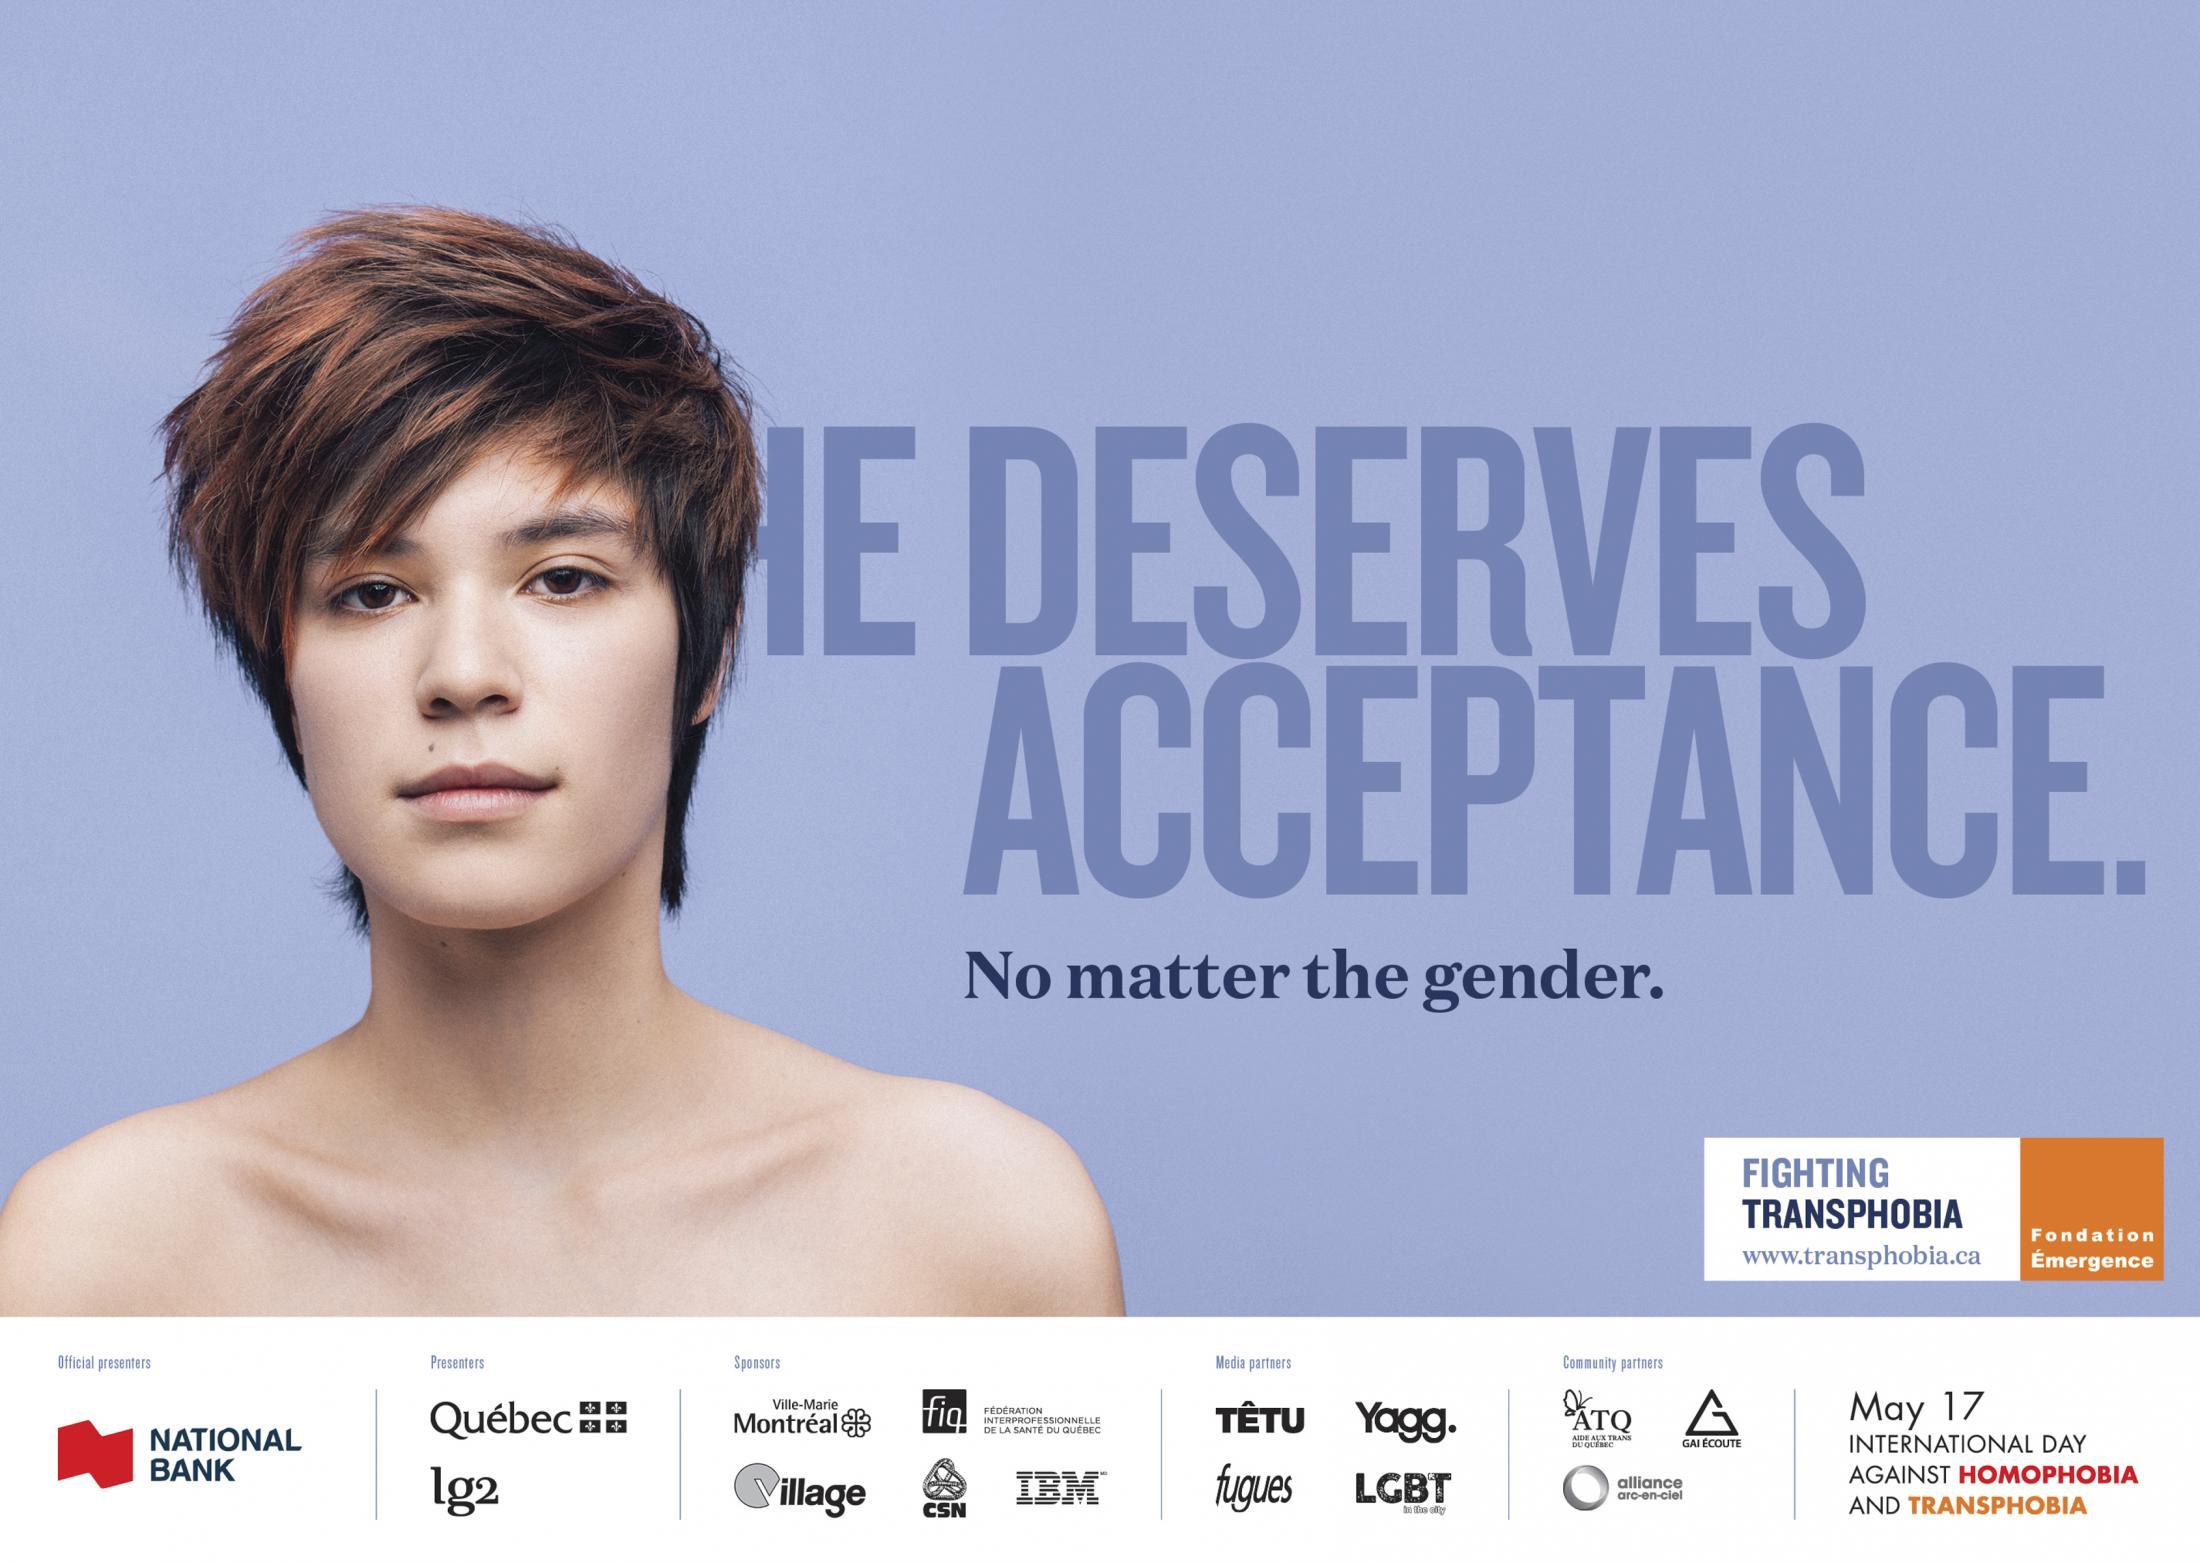 Fondation Emergence: No Matter the Gender, 2